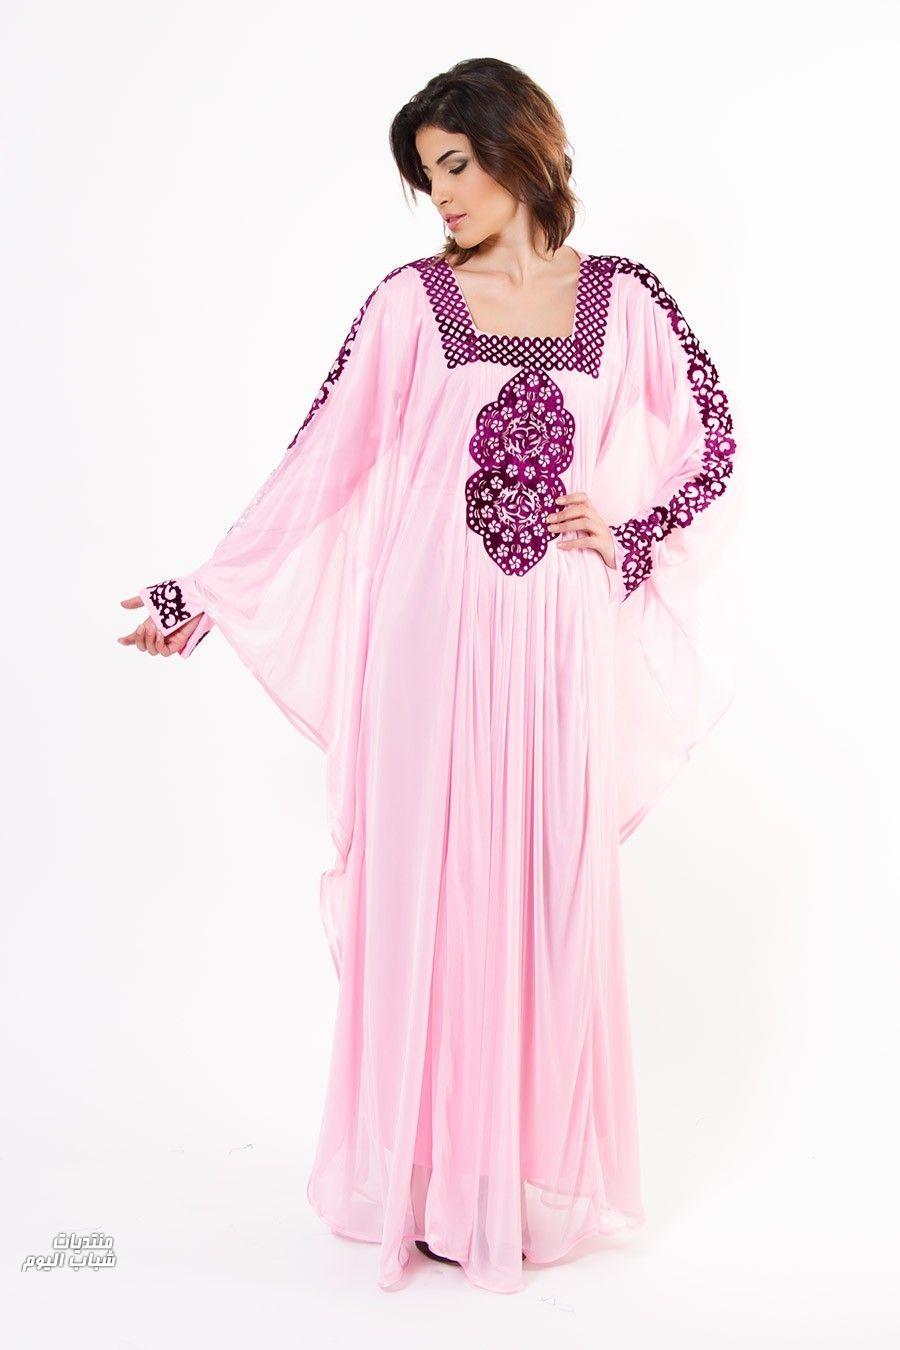 بالصور جلابيات خليجية , اجمل تصاميم ملابس خليجيه 2176 10